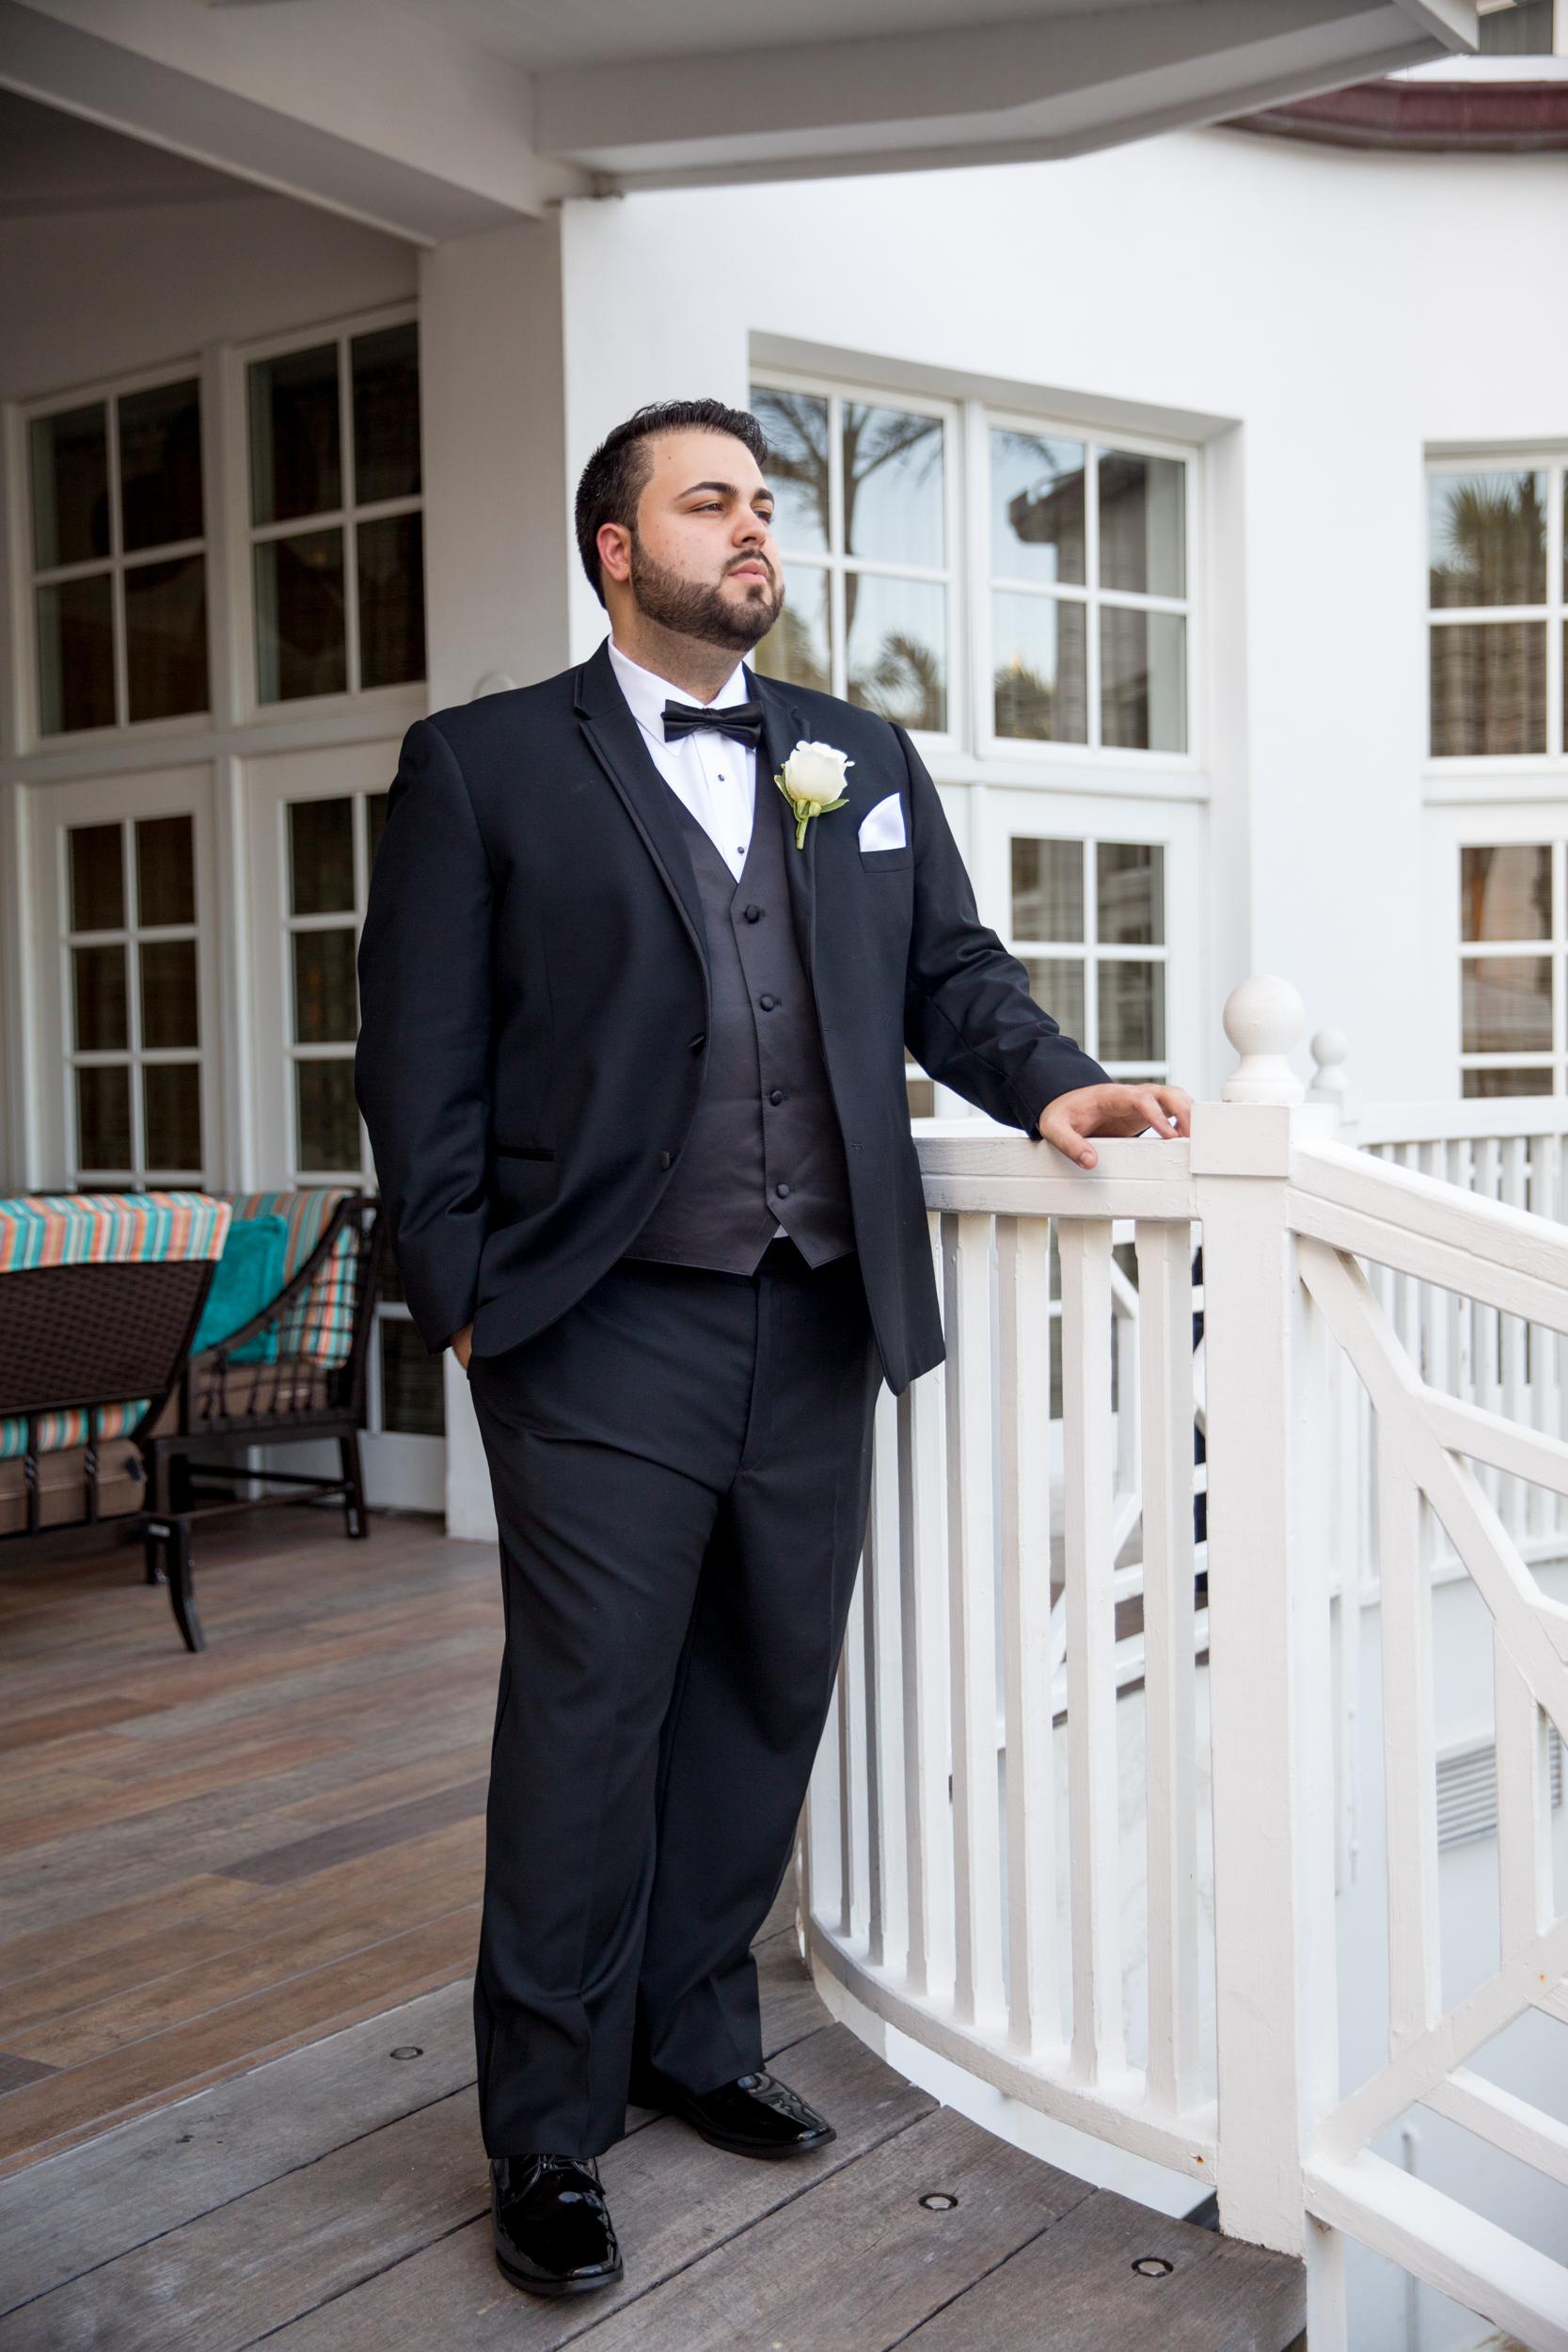 10-14-17_AshleyRichard_Wedding-40.jpg